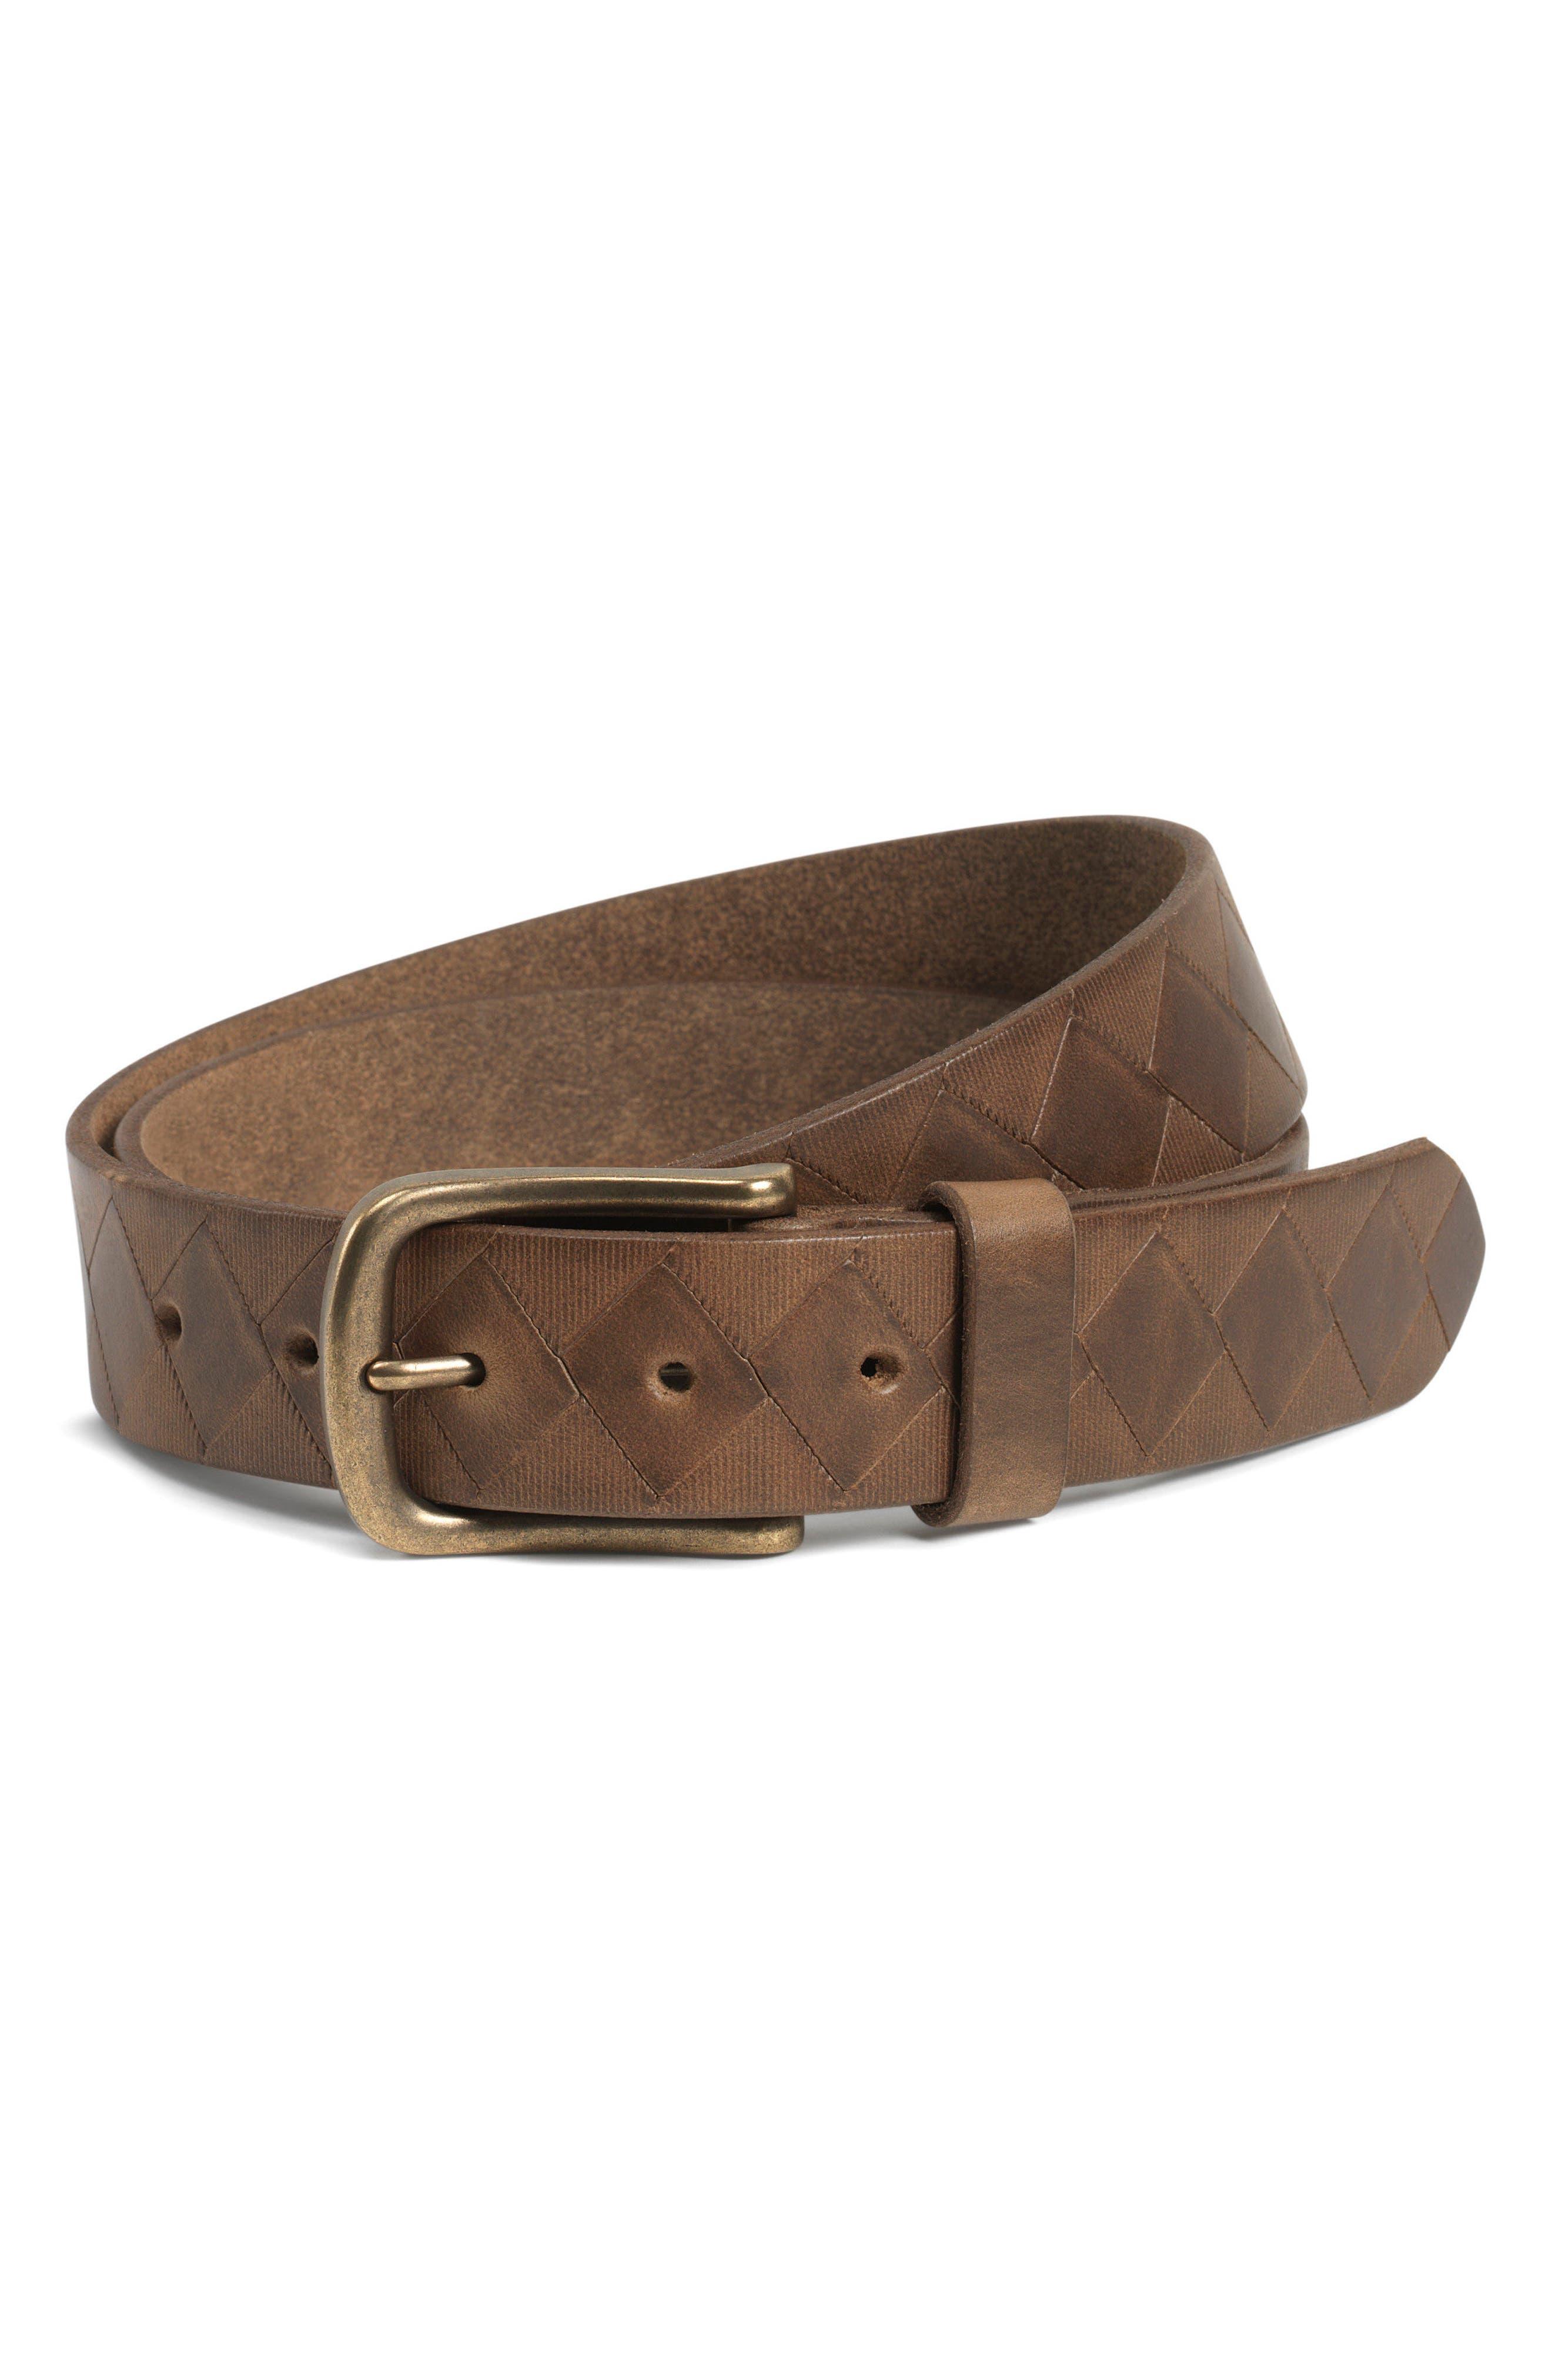 Douglas Leather Belt,                         Main,                         color, Brown